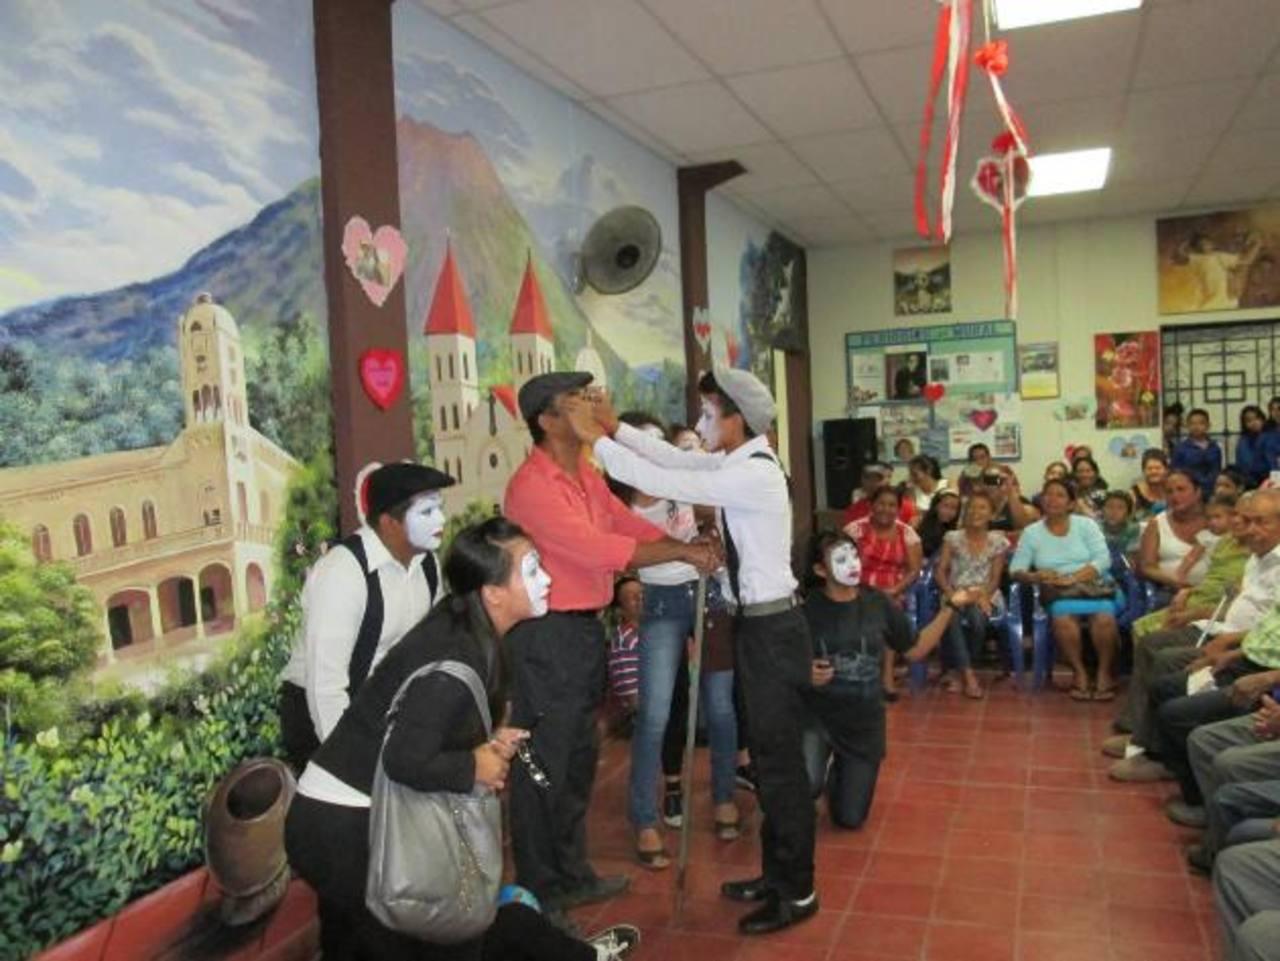 Las Casa de la Cultura de San Miguel cumplirá, el próximo mes, sus 40 años de fundación. foto edh / archivo